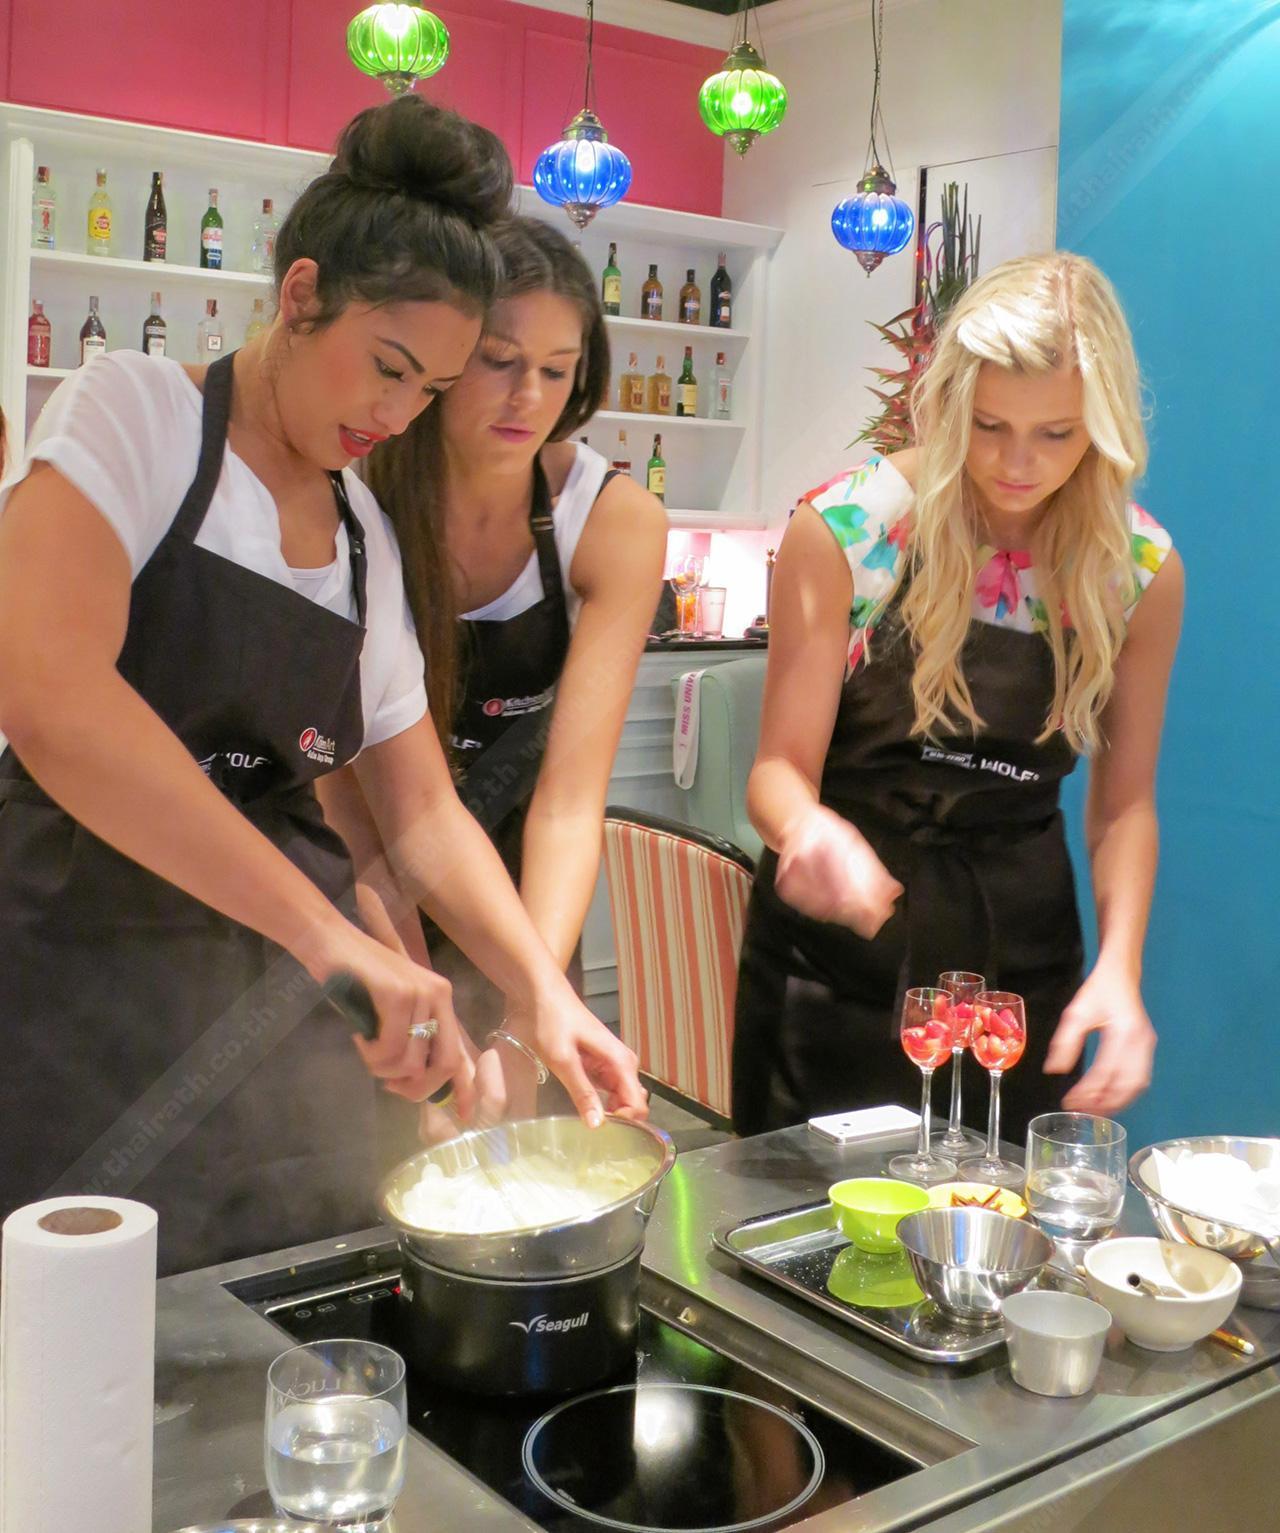 บรรดาผู้เข้าประกวดทดลองทำอาหาร